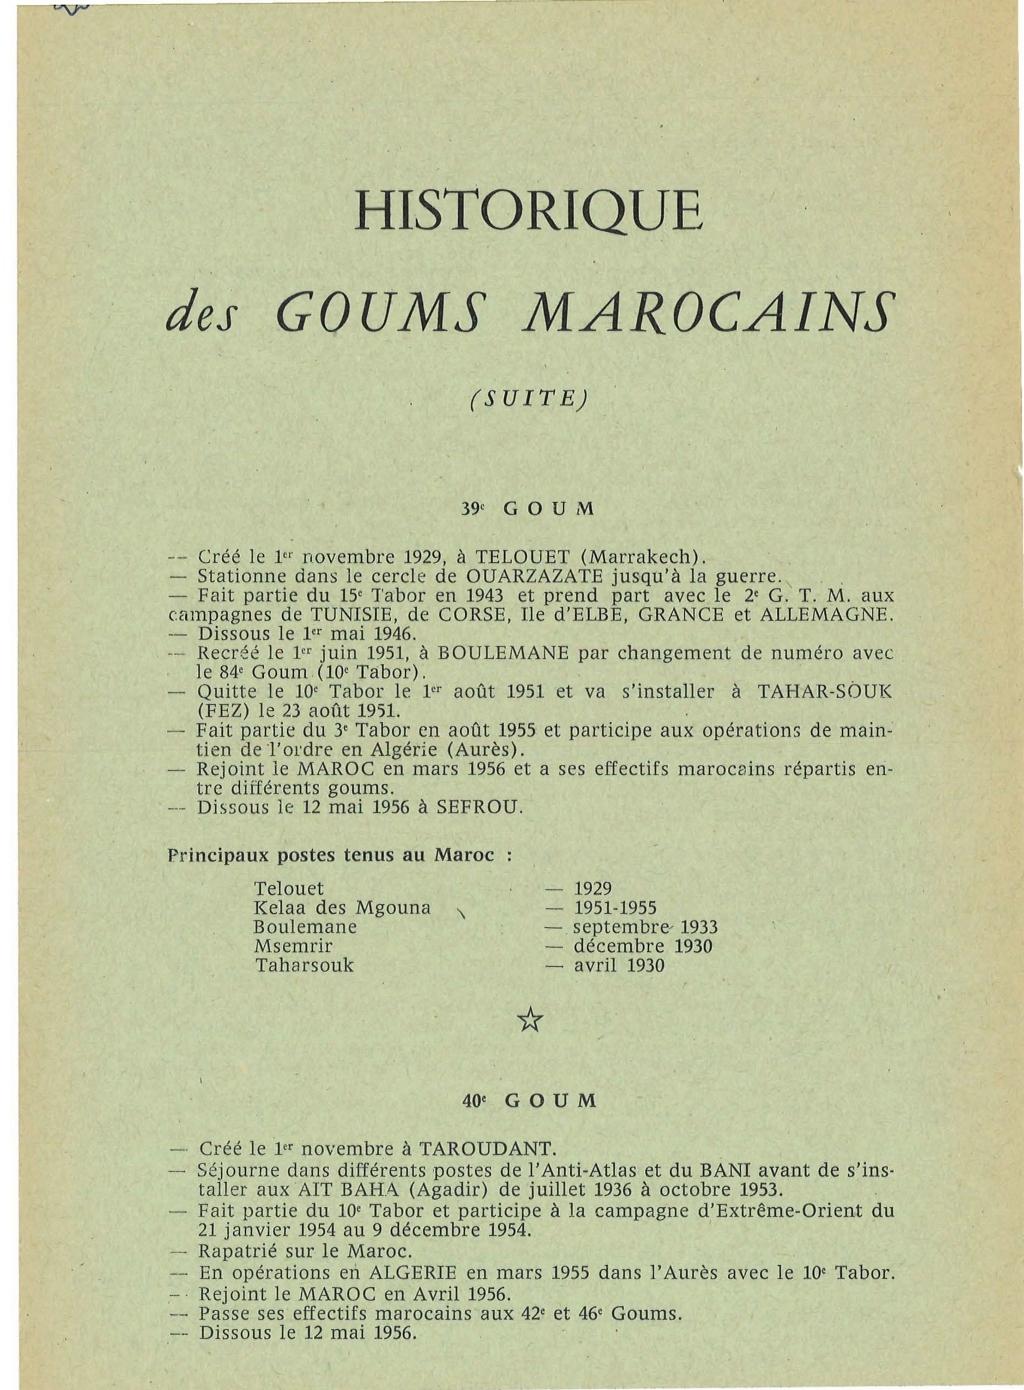 12 mai 1956 - Dissolution des Goumiers & integration aux FAR La_kou27